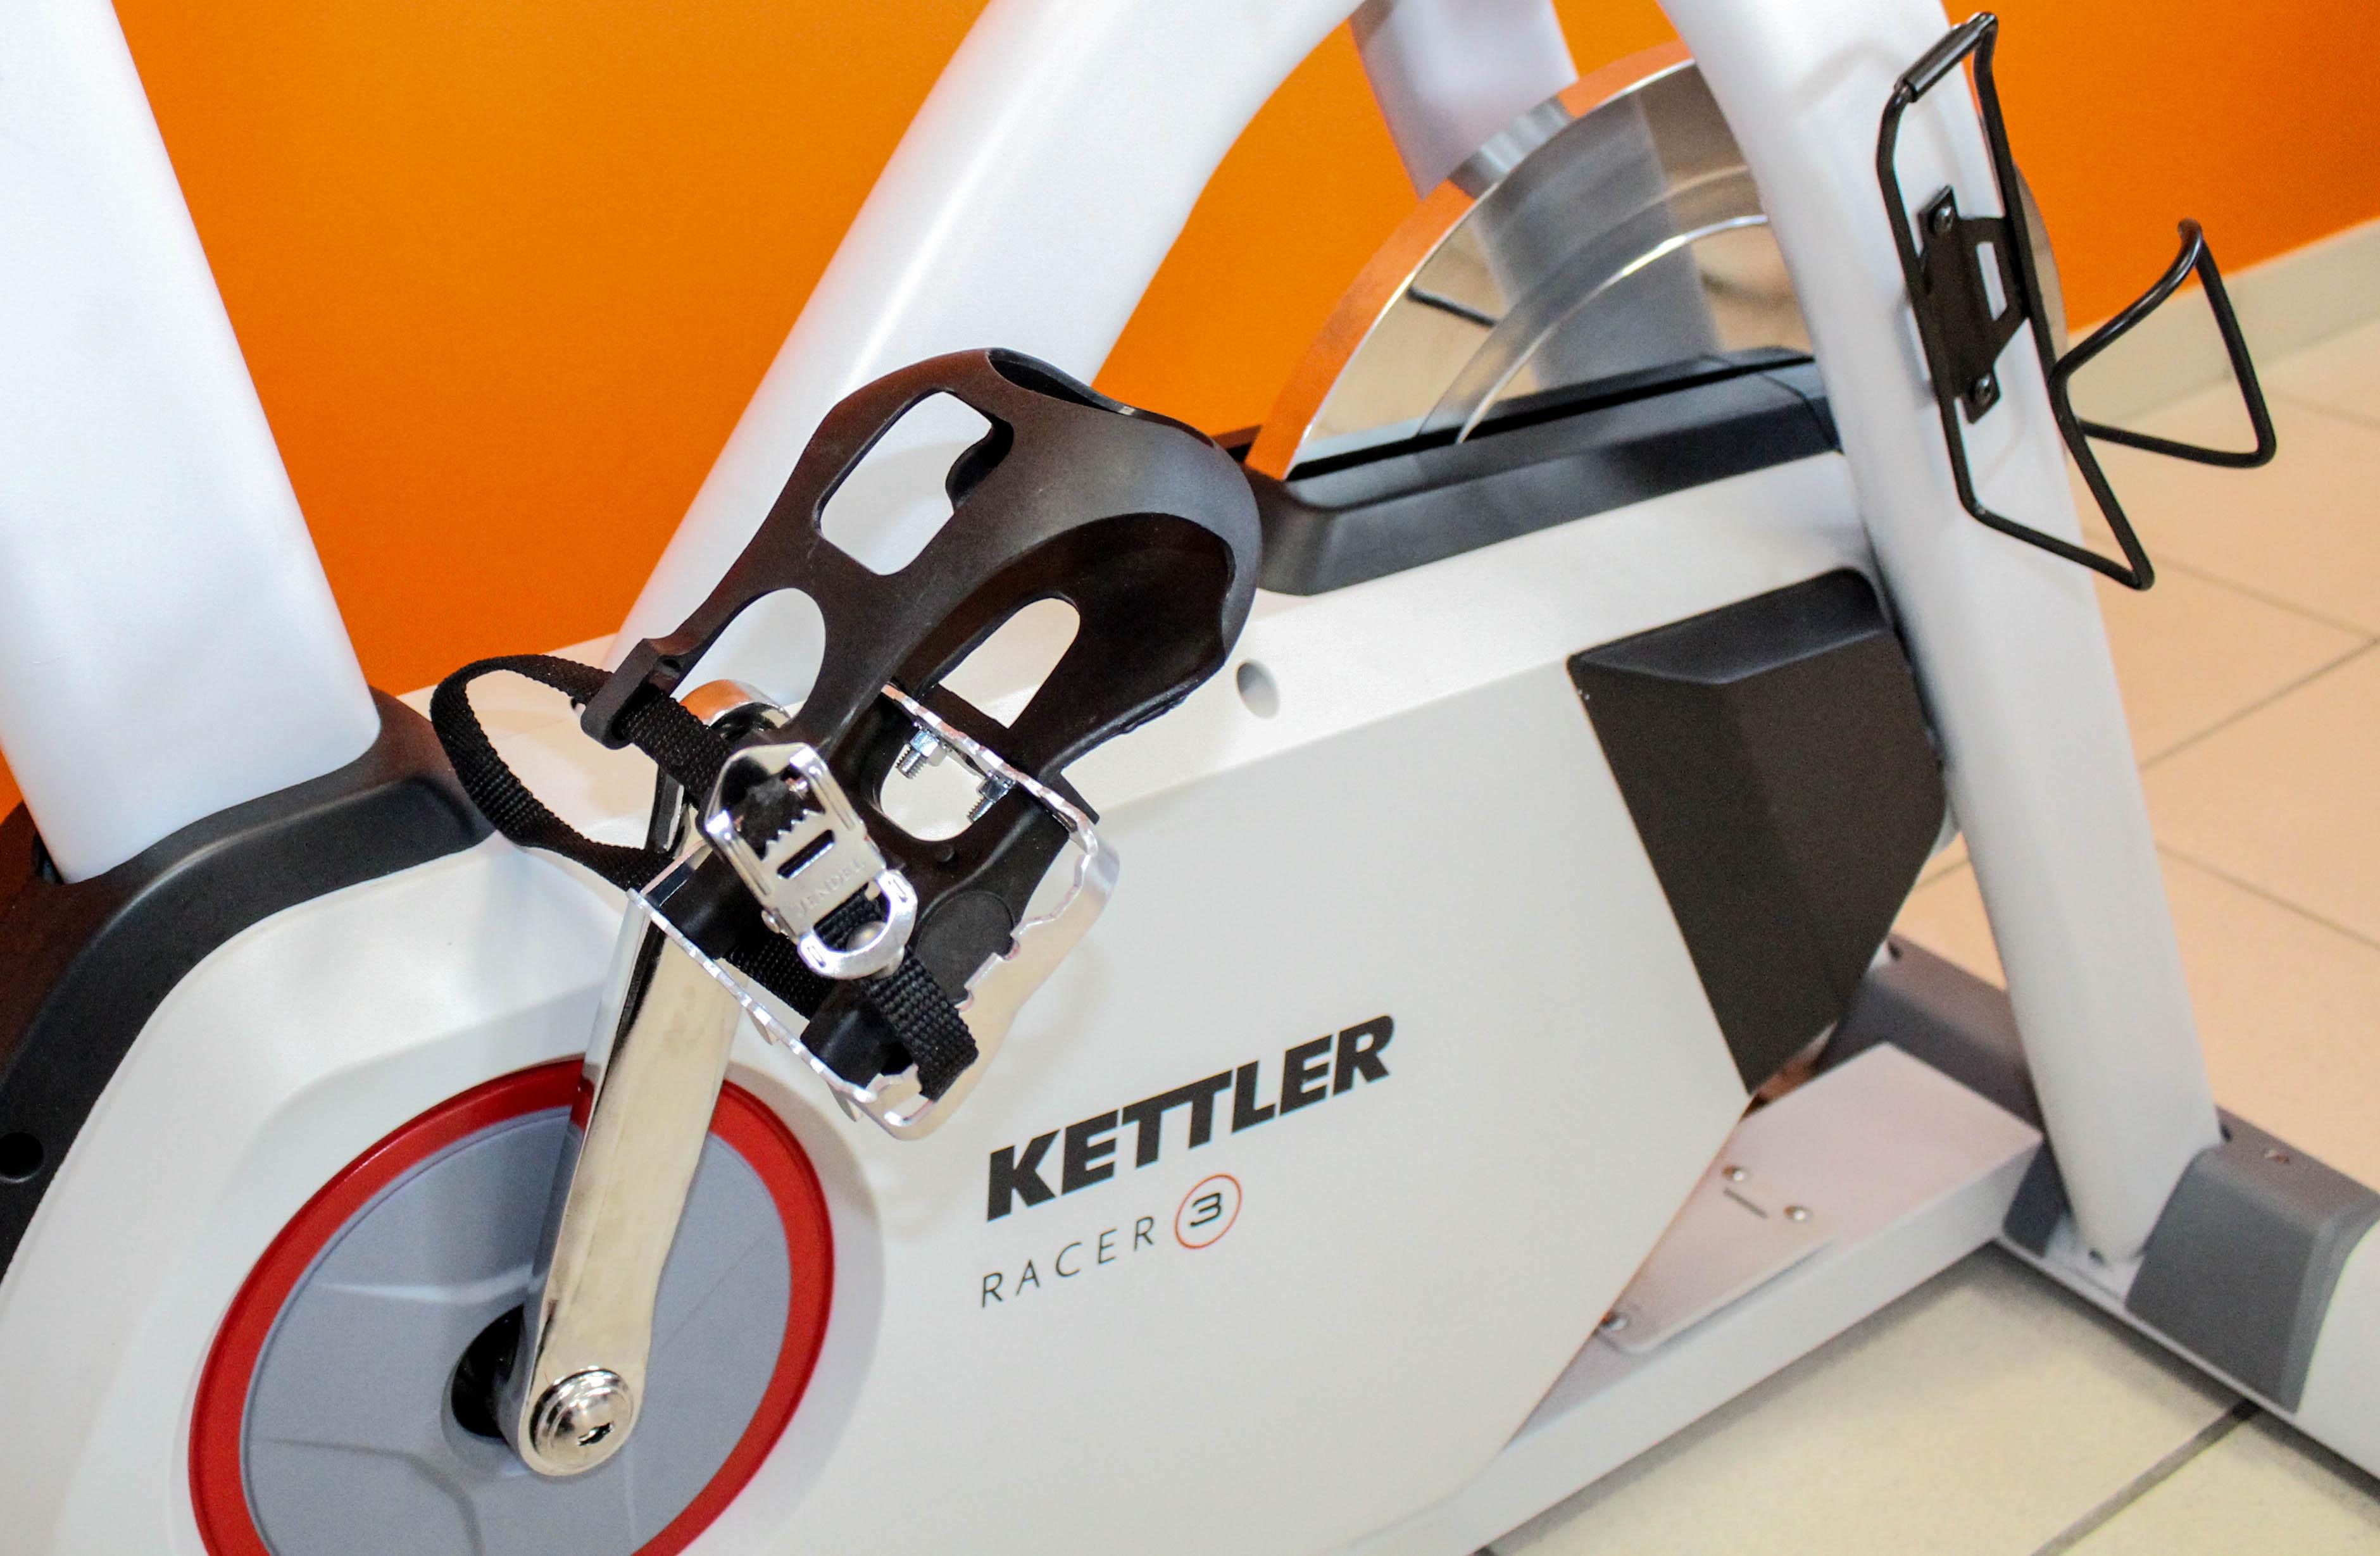 velo biking racer 3 kettler pas cher